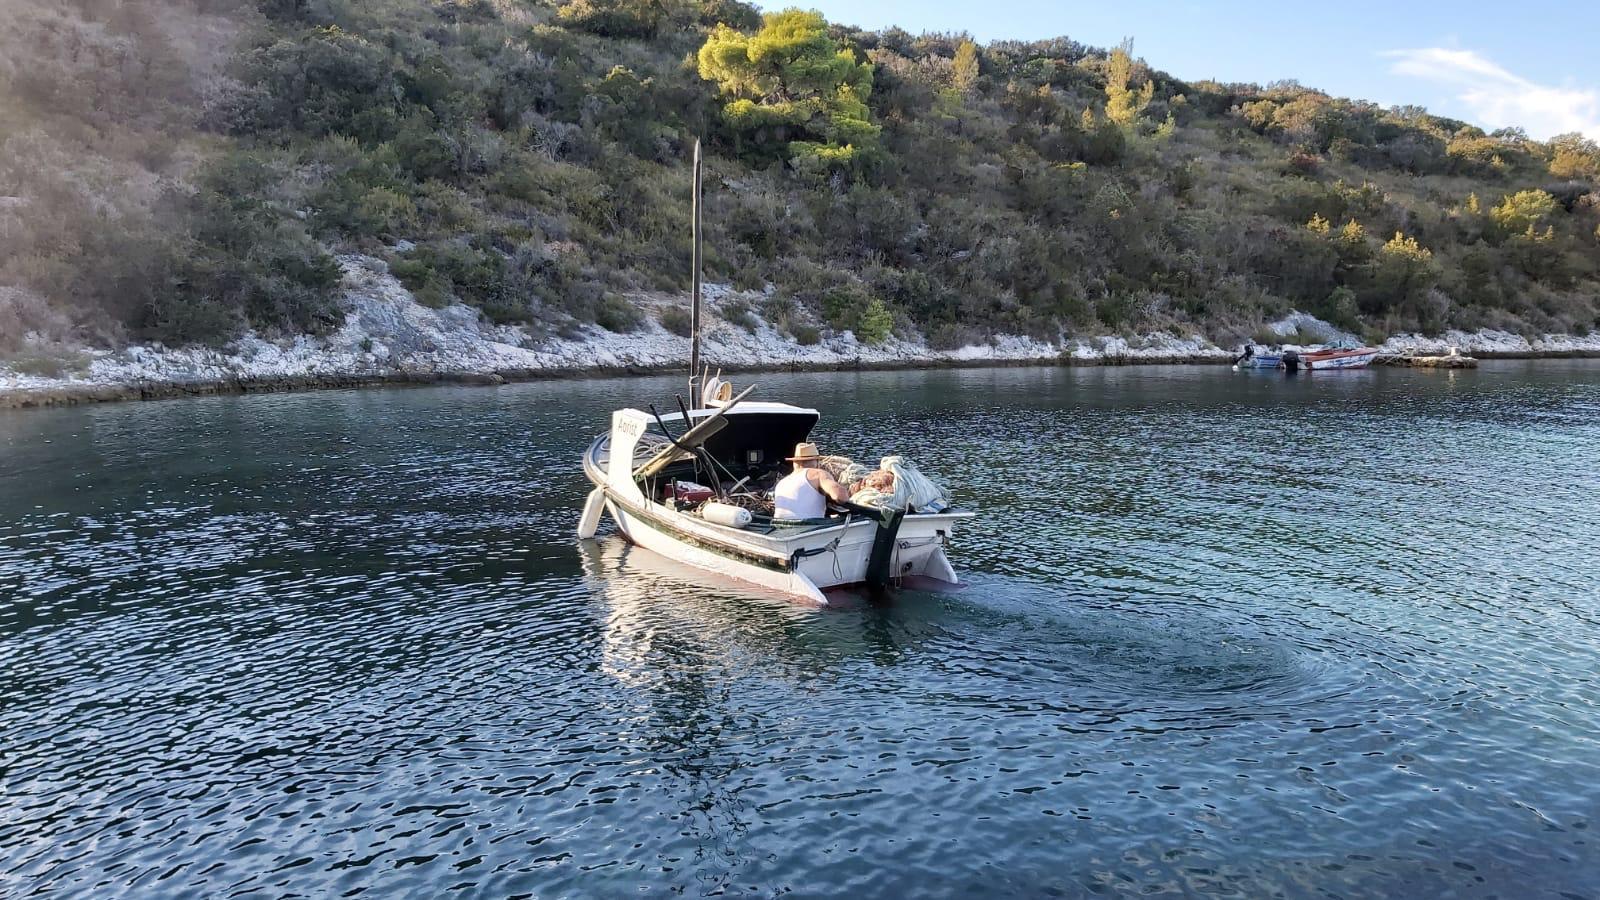 Fischfang auf der Insel Scedro